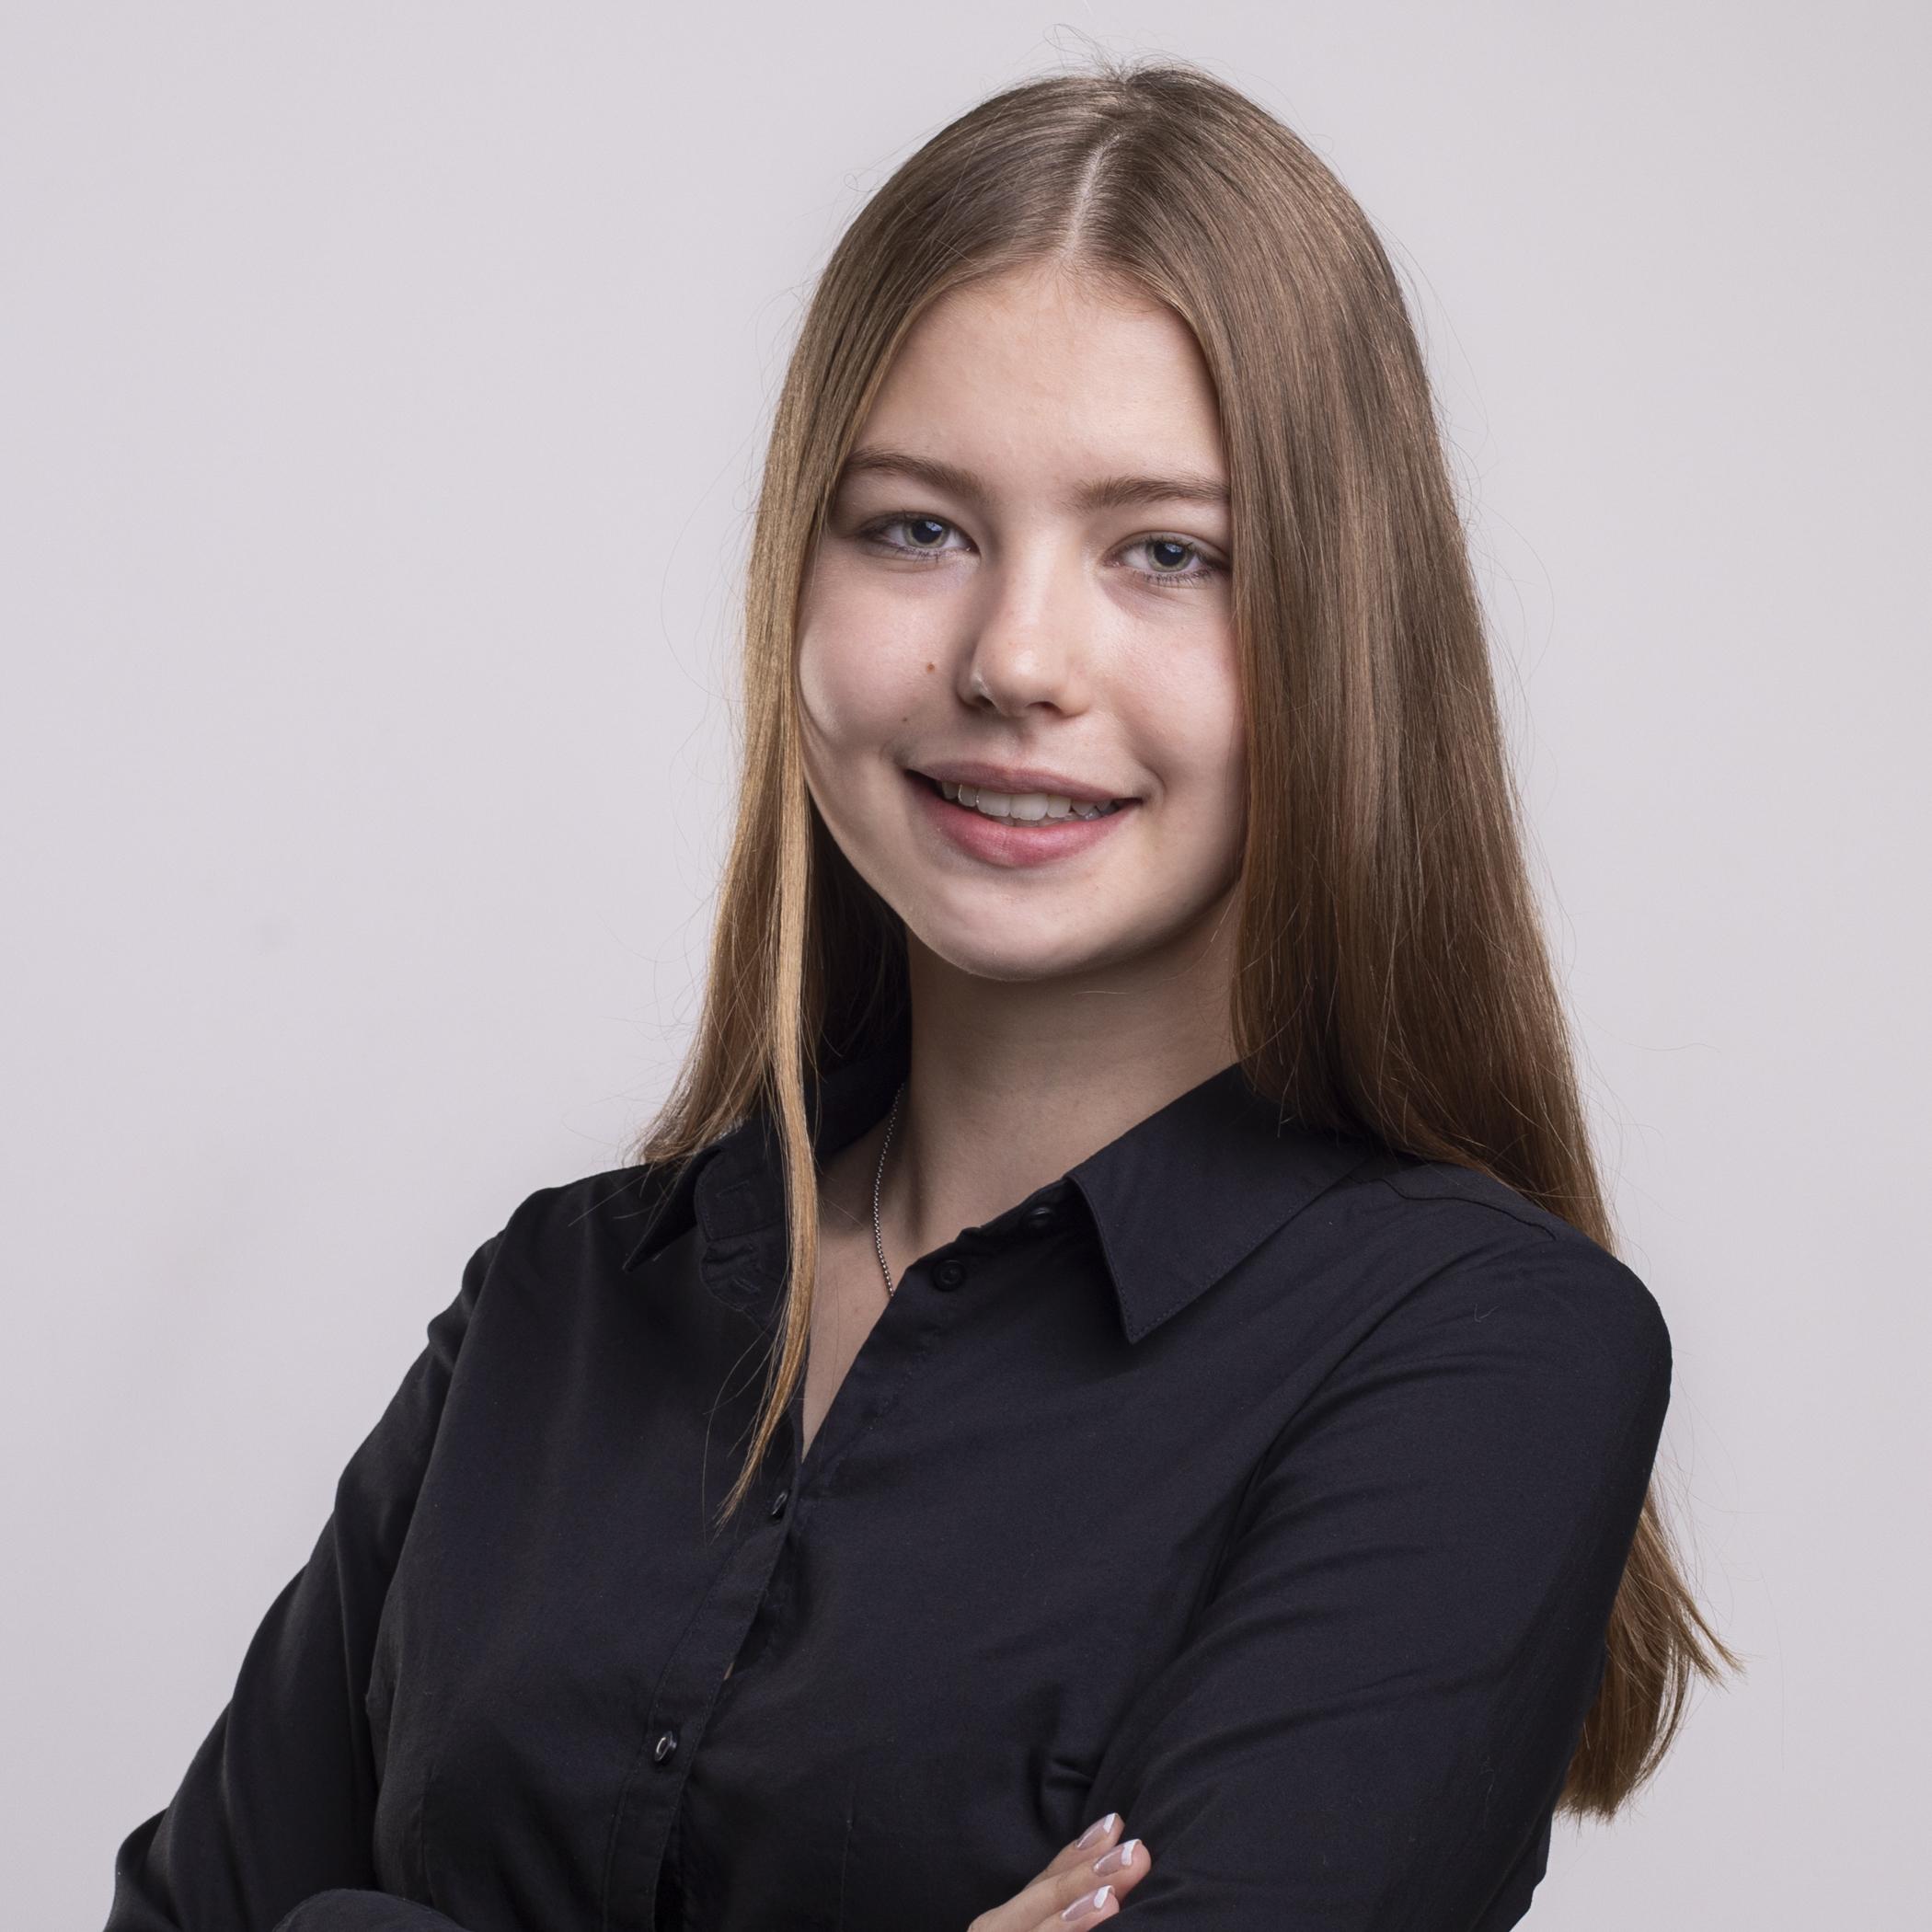 Nadine Engelhardt